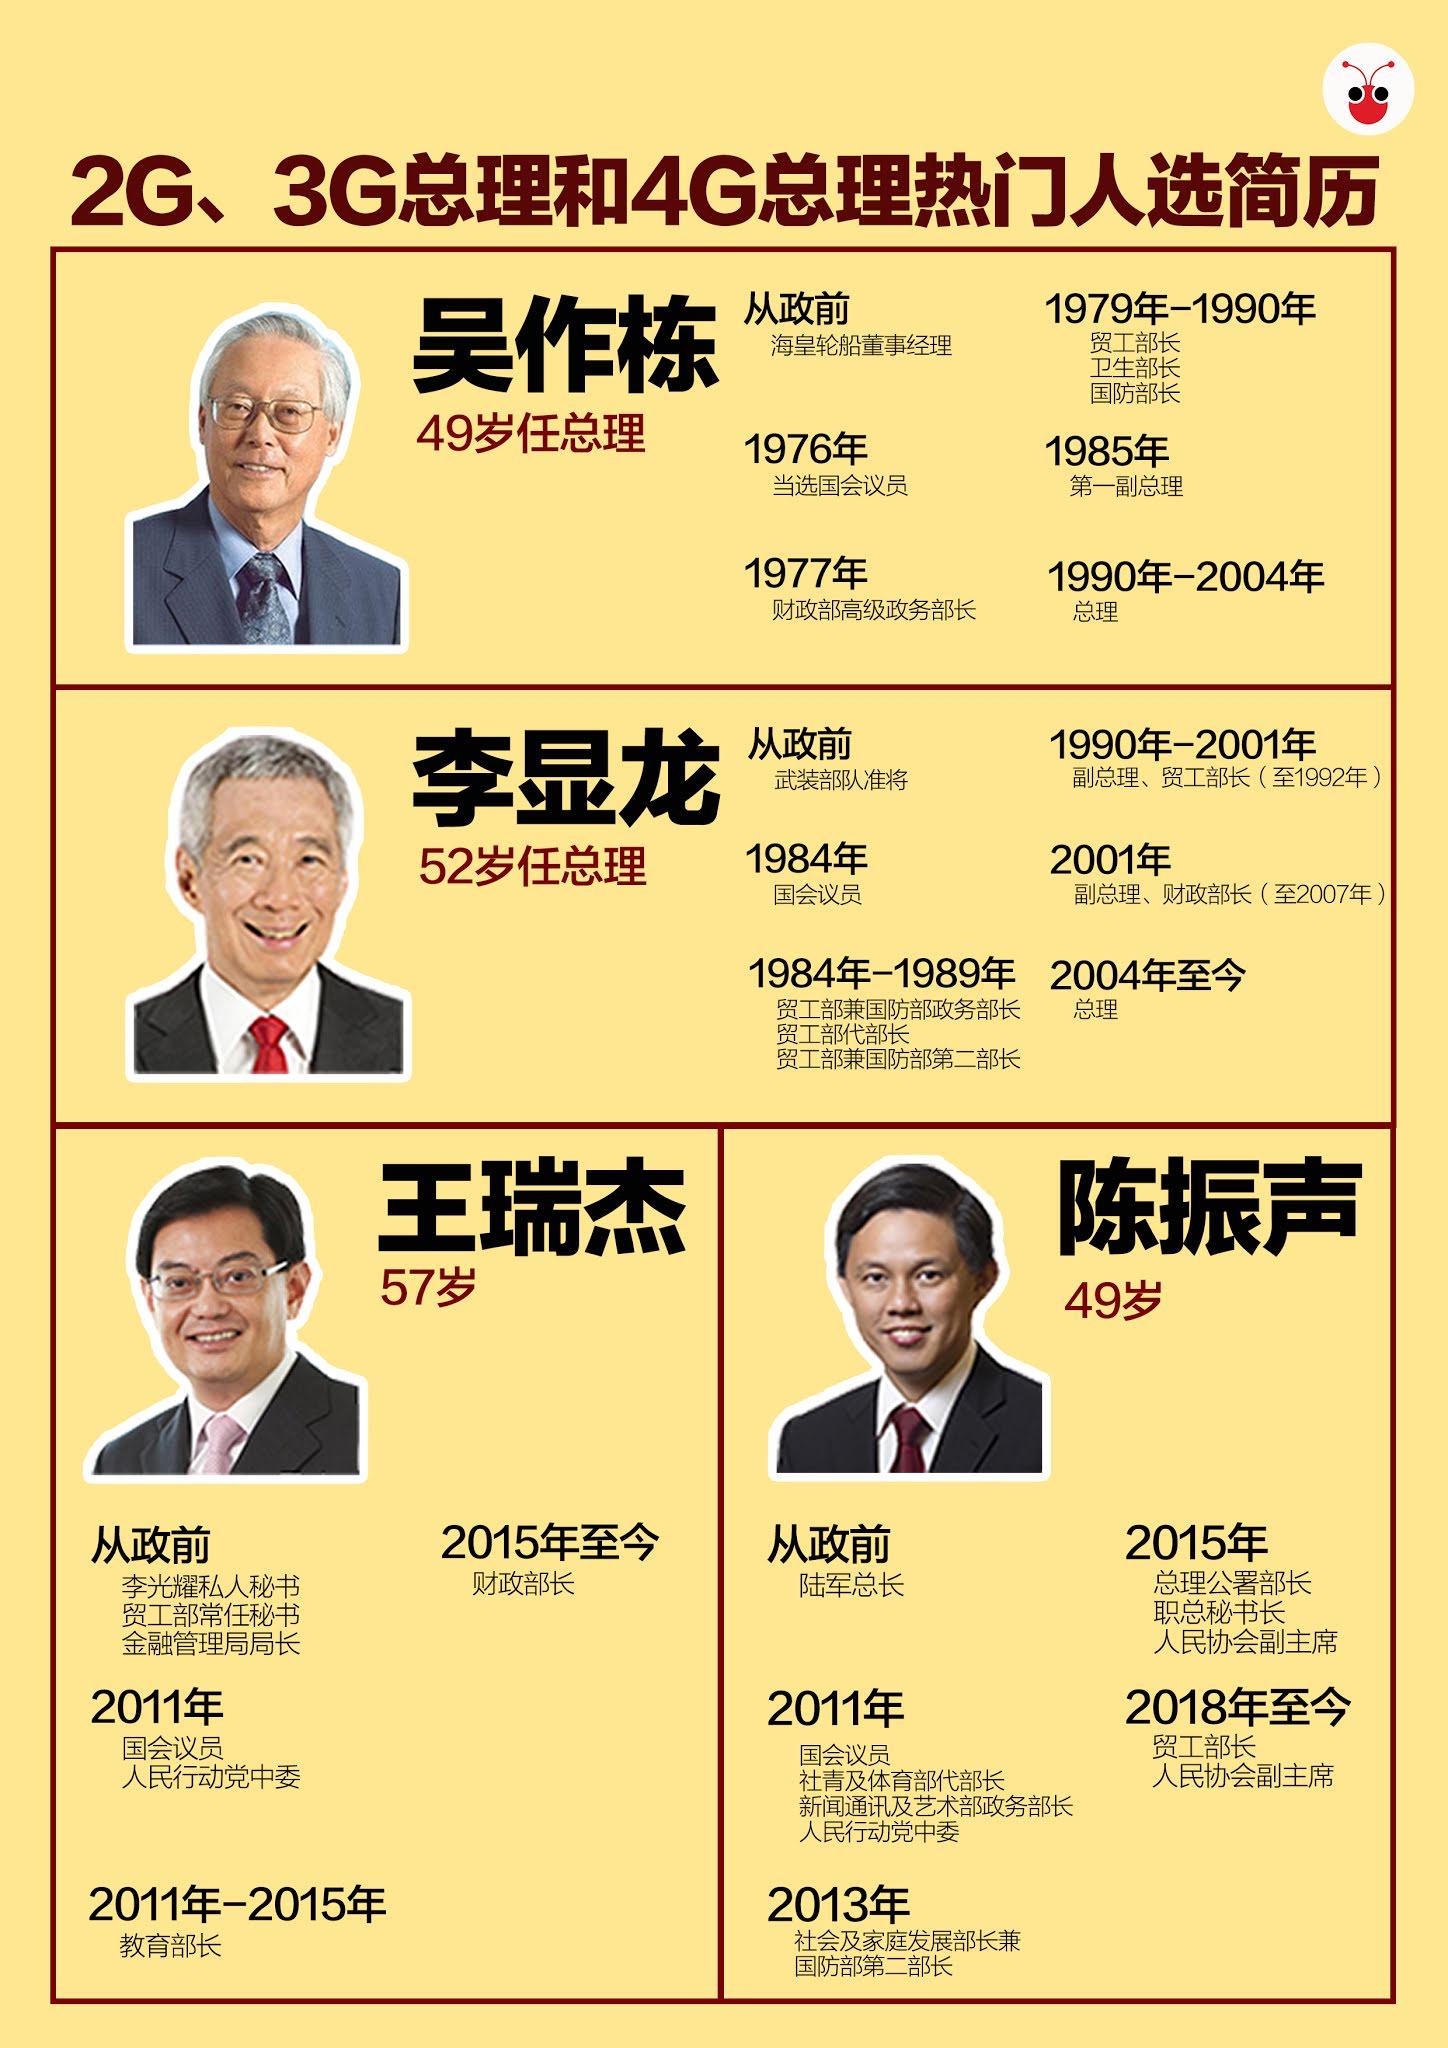 新加坡下一代总理是王瑞杰陈振声还是王乙康